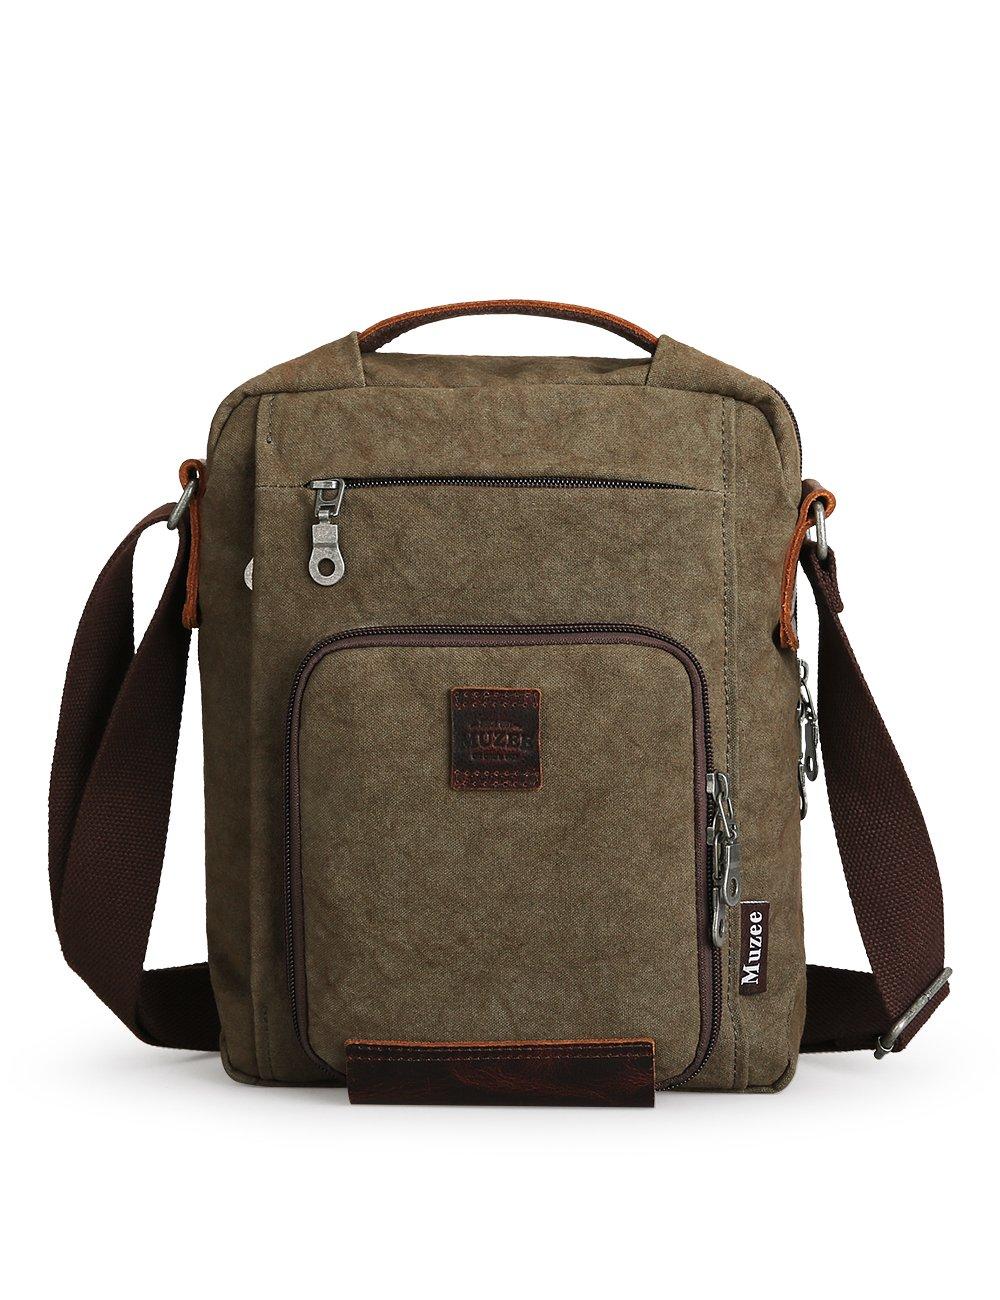 muzee Small Canvas Crossbody Bag for Men Vintage Messenger Bag Travel daypack Satchel Bag